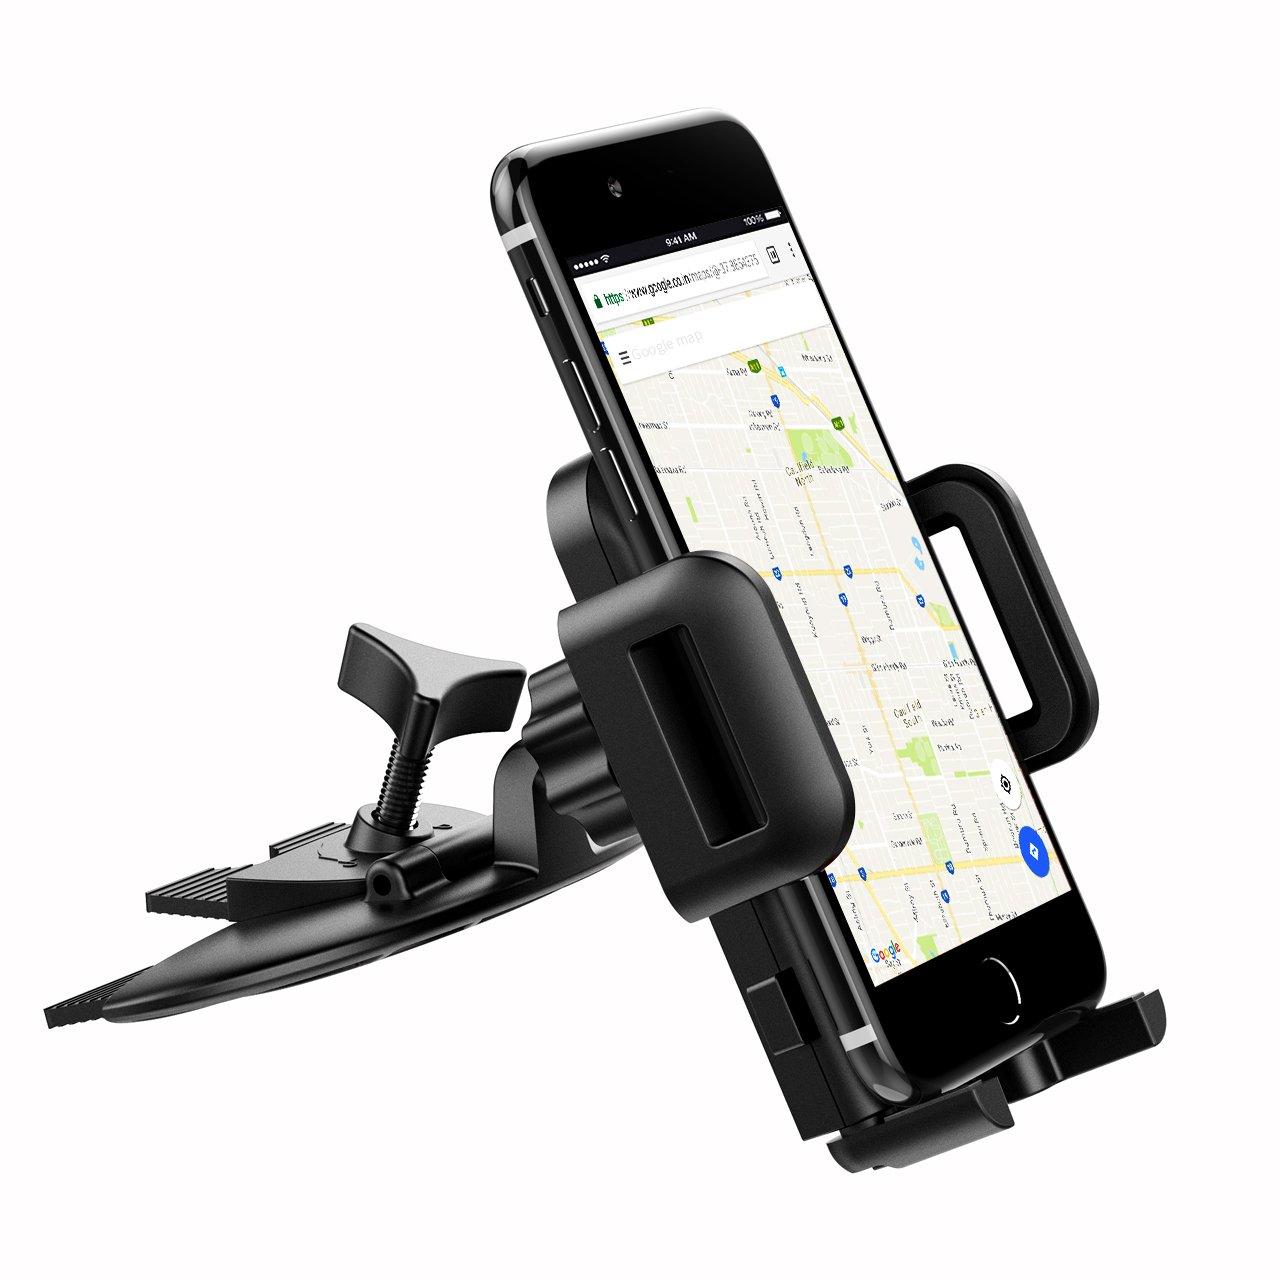 a0bf940f566 Mpow® Soporte Movil Coche CD, Soporte Móvil Coche Giratorio de 360 Grados, Soporte  Movil para Coche para el iPhone X 8 7 7 plus 6S 6, Samsung Galaxy S8 S9 ...